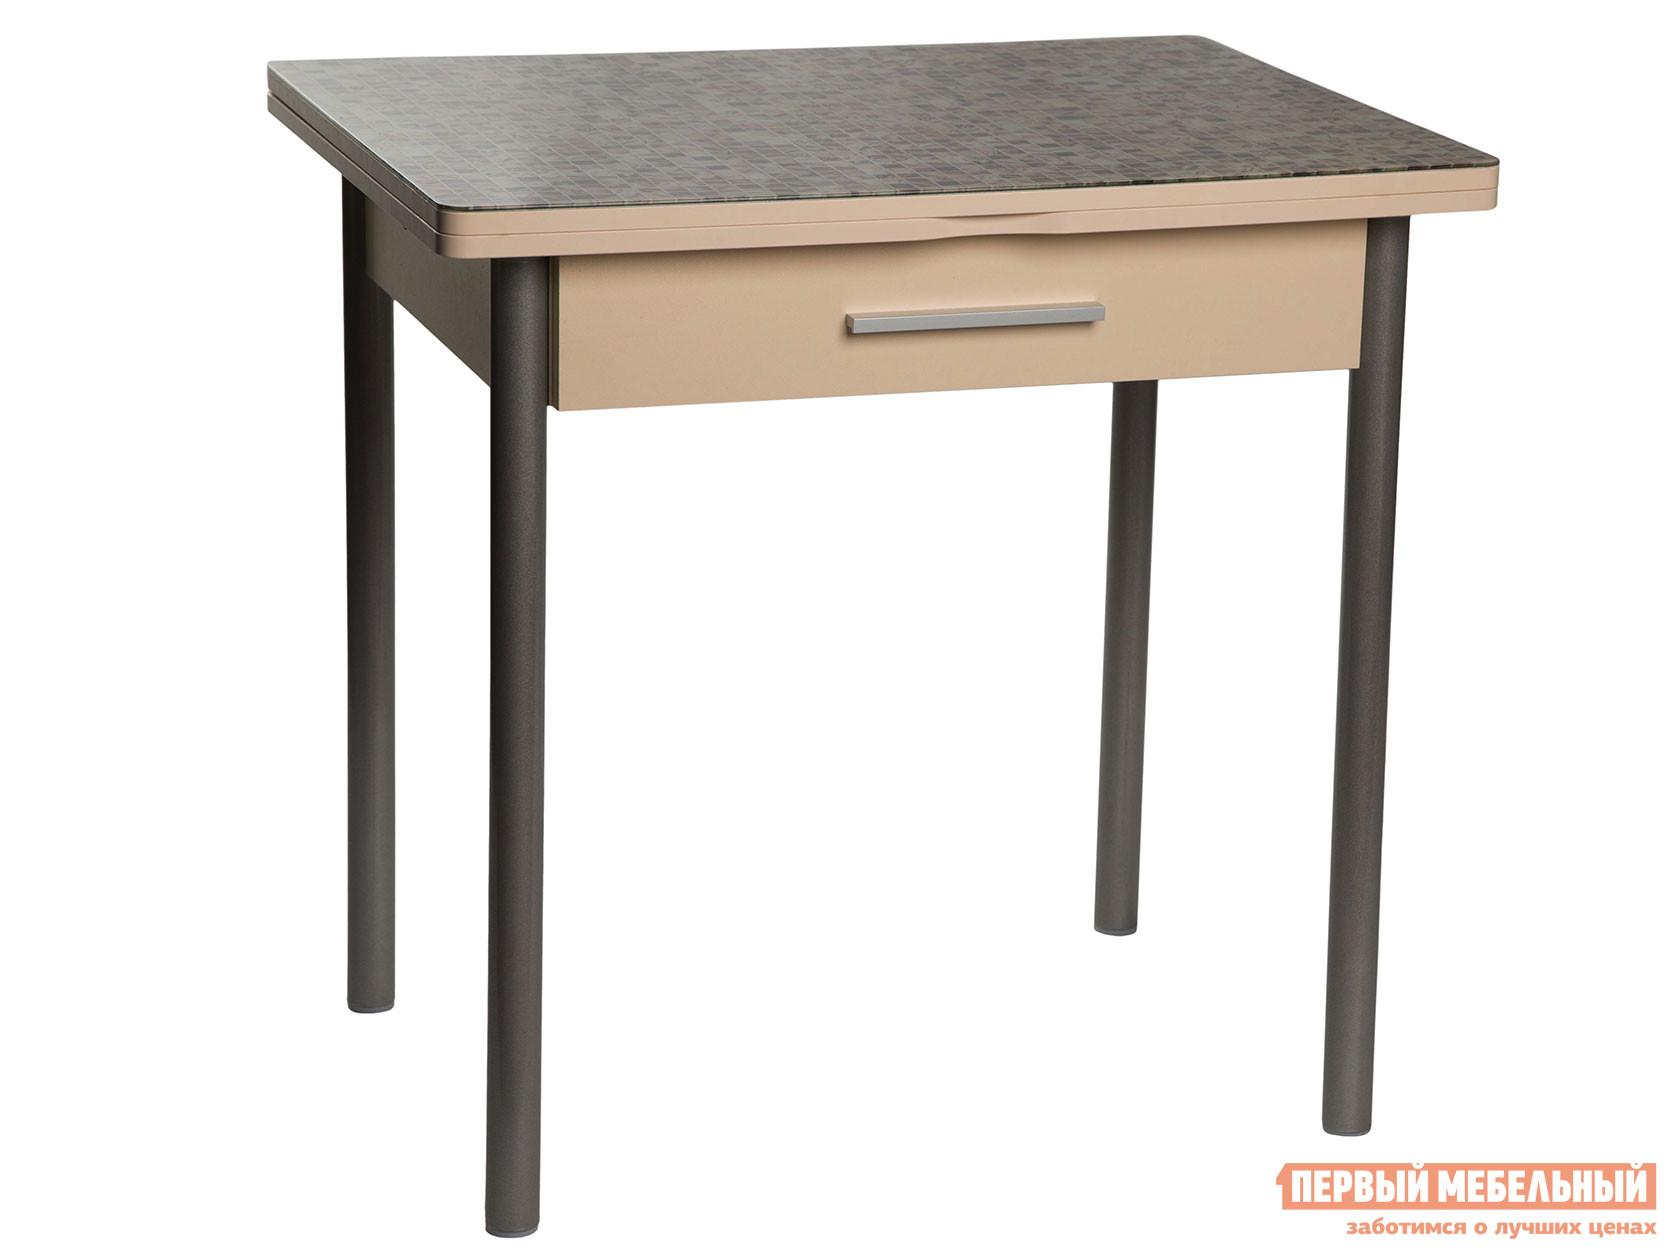 Кухонный стол Линоторг DP-010306101 Стол ДП1-03-06 800х600 (1200) М37